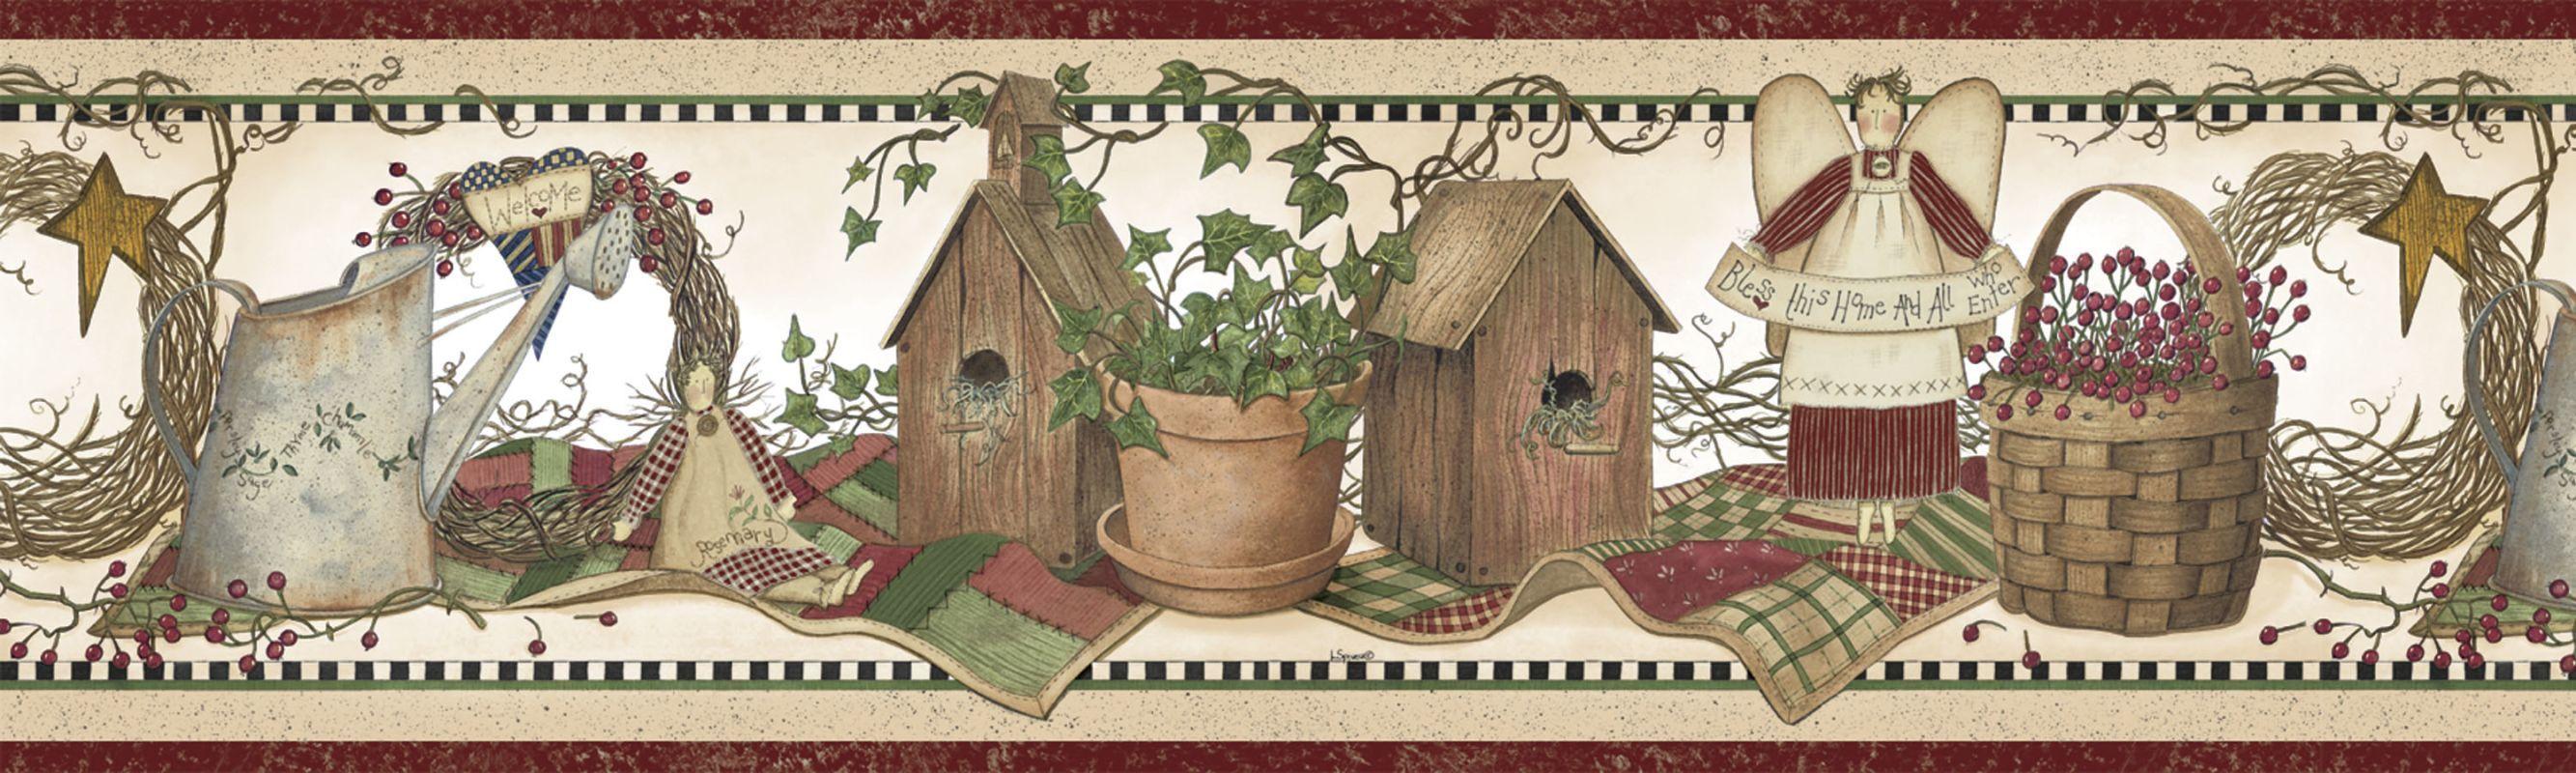 Home Garden Country Primitive Birdhouse Baskets Candles